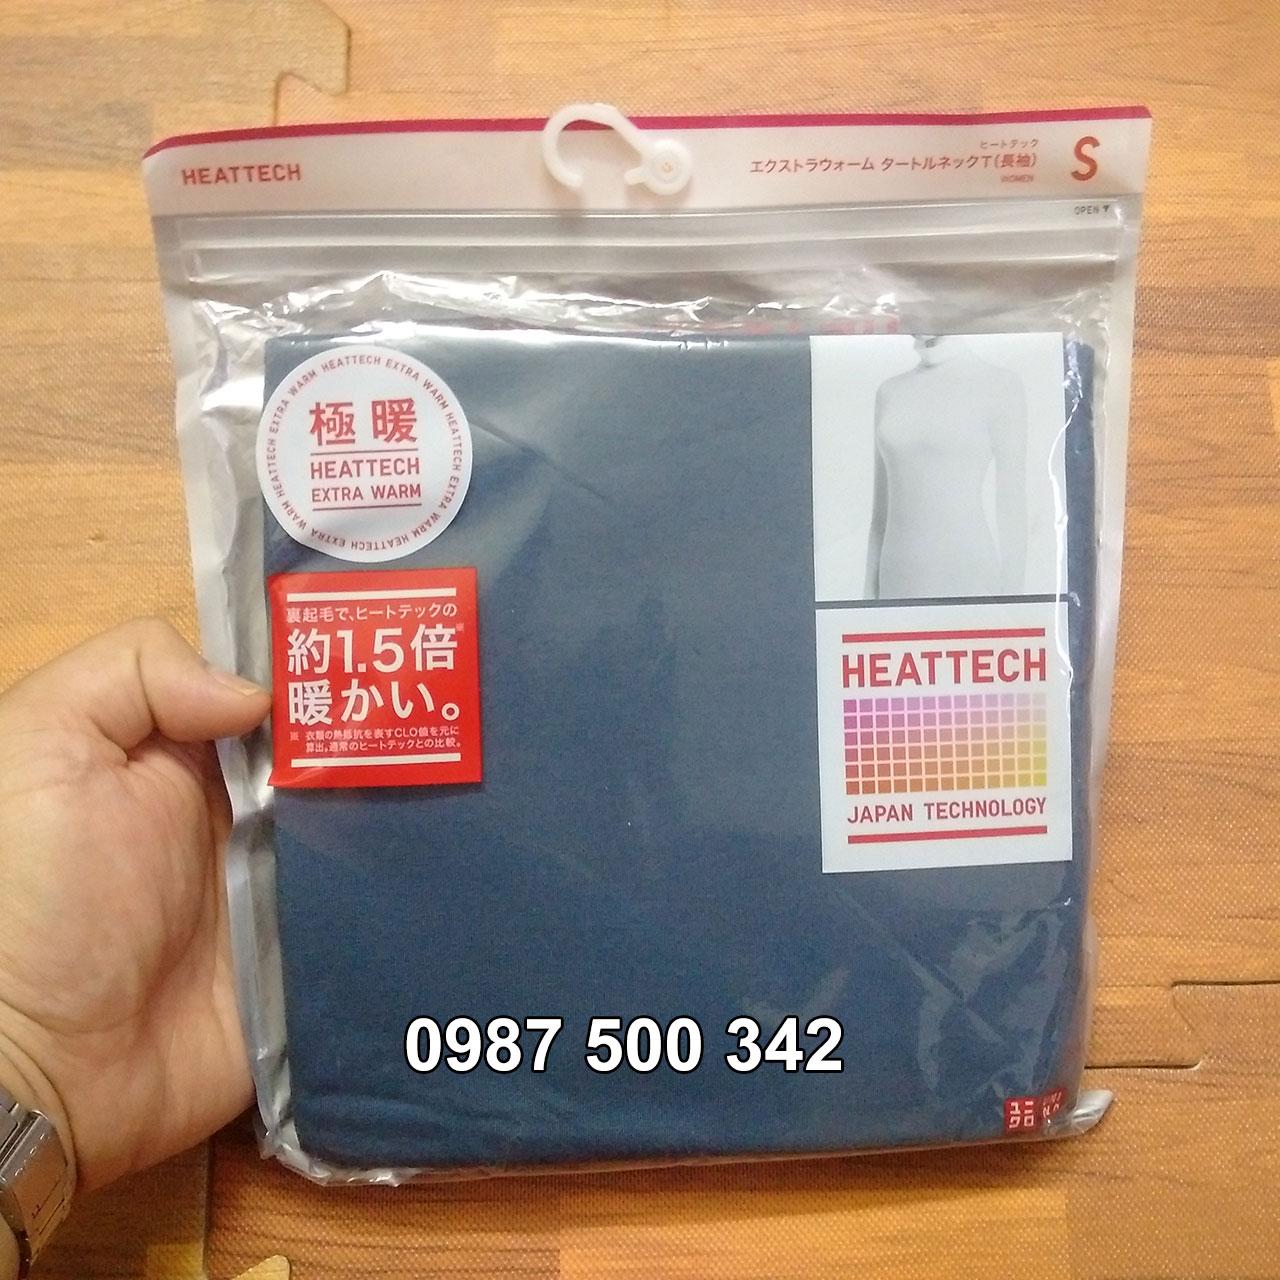 Ảnh thật Áo giữ nhiệt nữ cổ lọ Heattech Extra Warm Uniqlo màu xanh biển